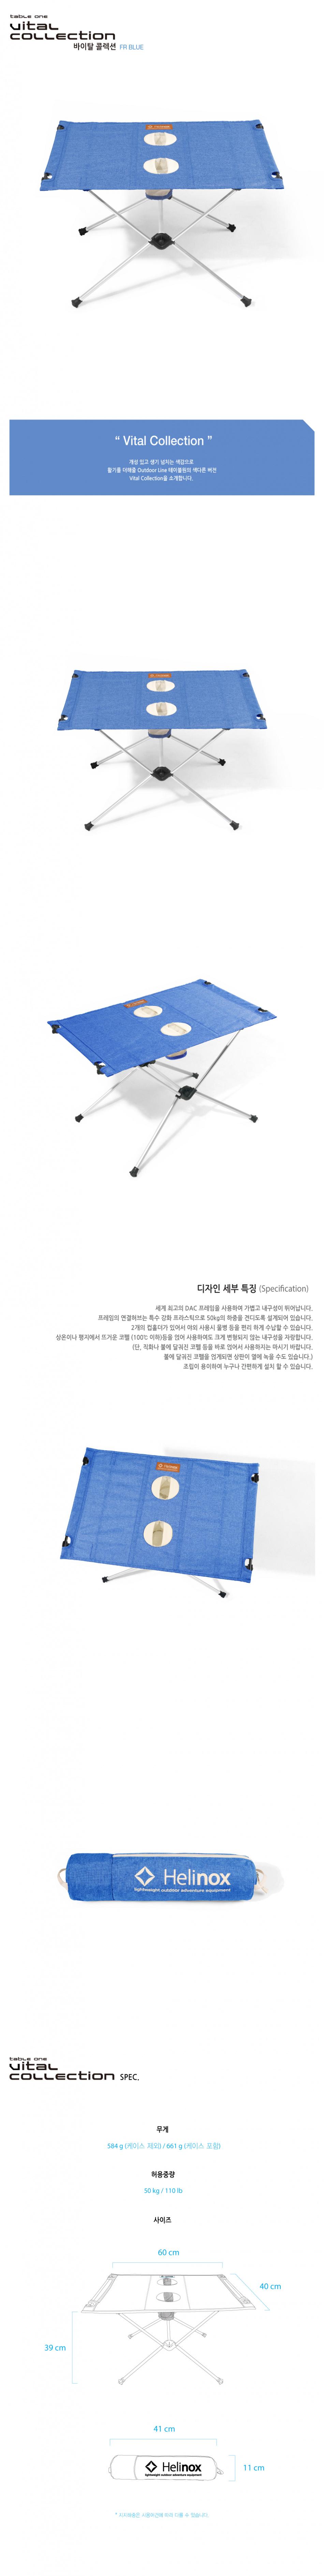 헬리녹스(HELINOX) 바이탈콜렉션 테이블 원 - 블루